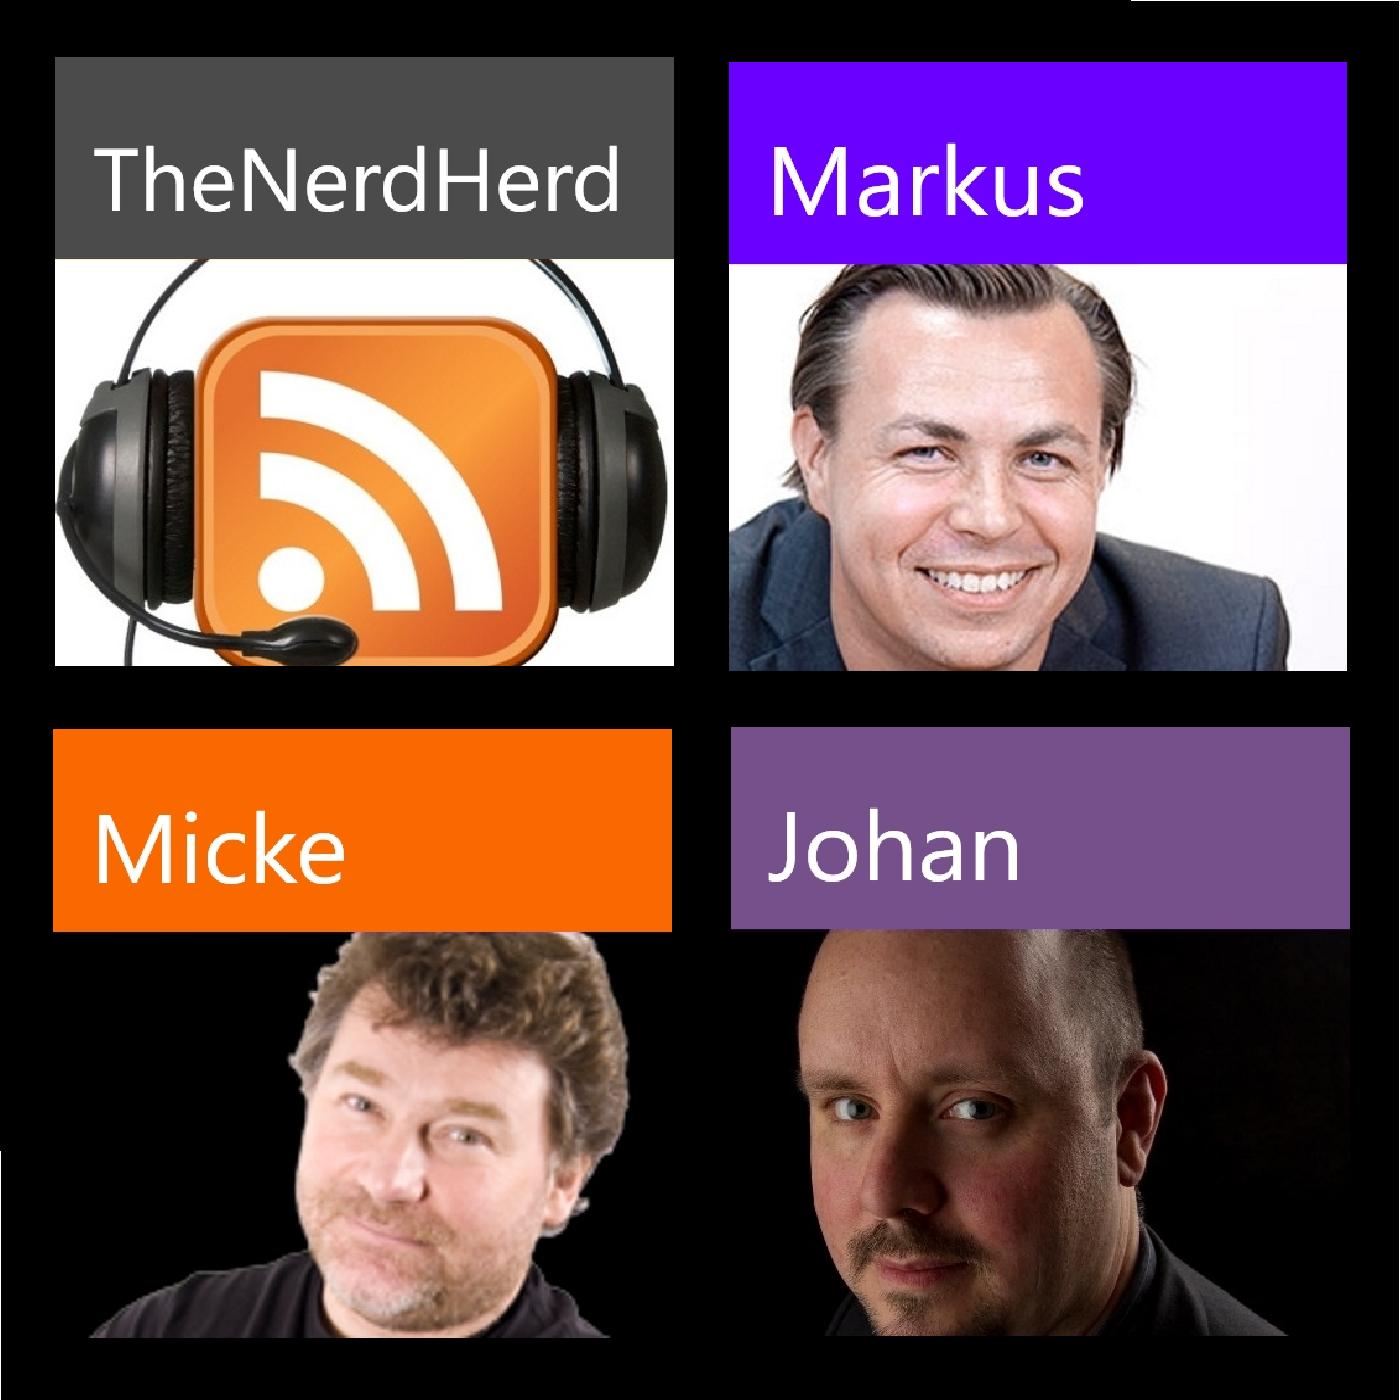 The Nerd Herd logo